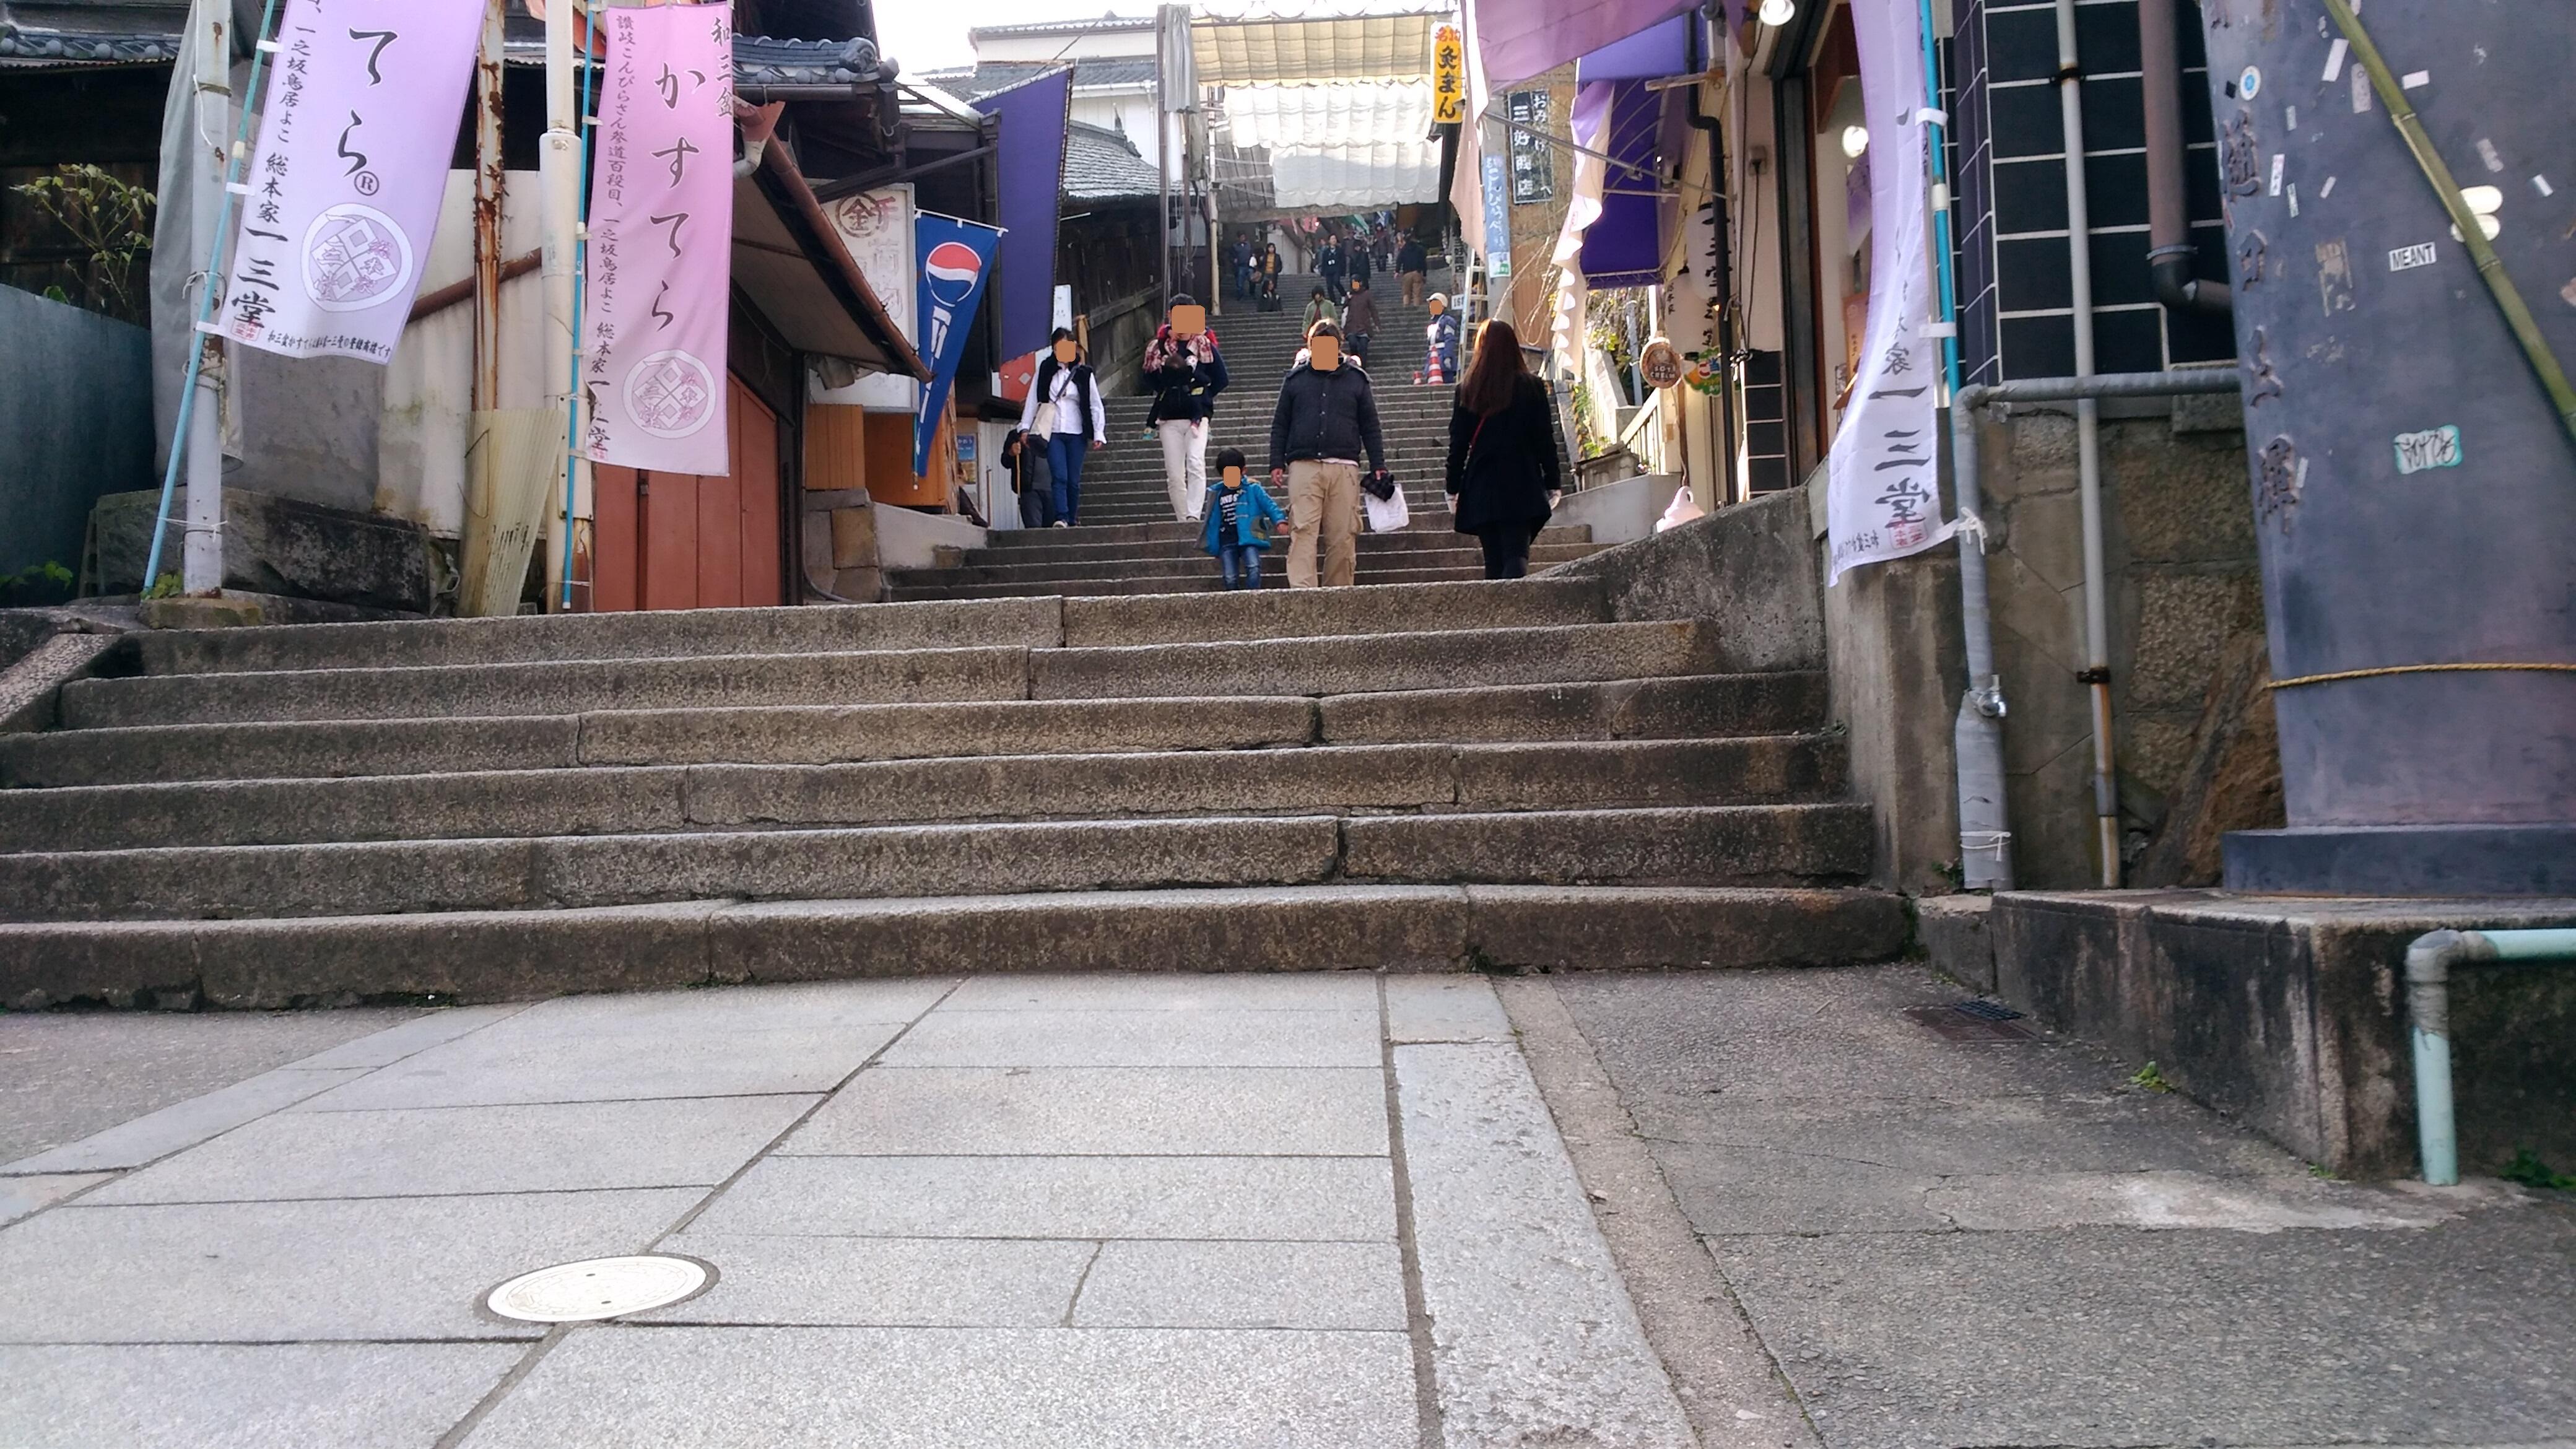 ブラタモリでタモリさんも訪問した!丸亀、琴平への旅! -青春18きっぷでスローな旅をしよう!-